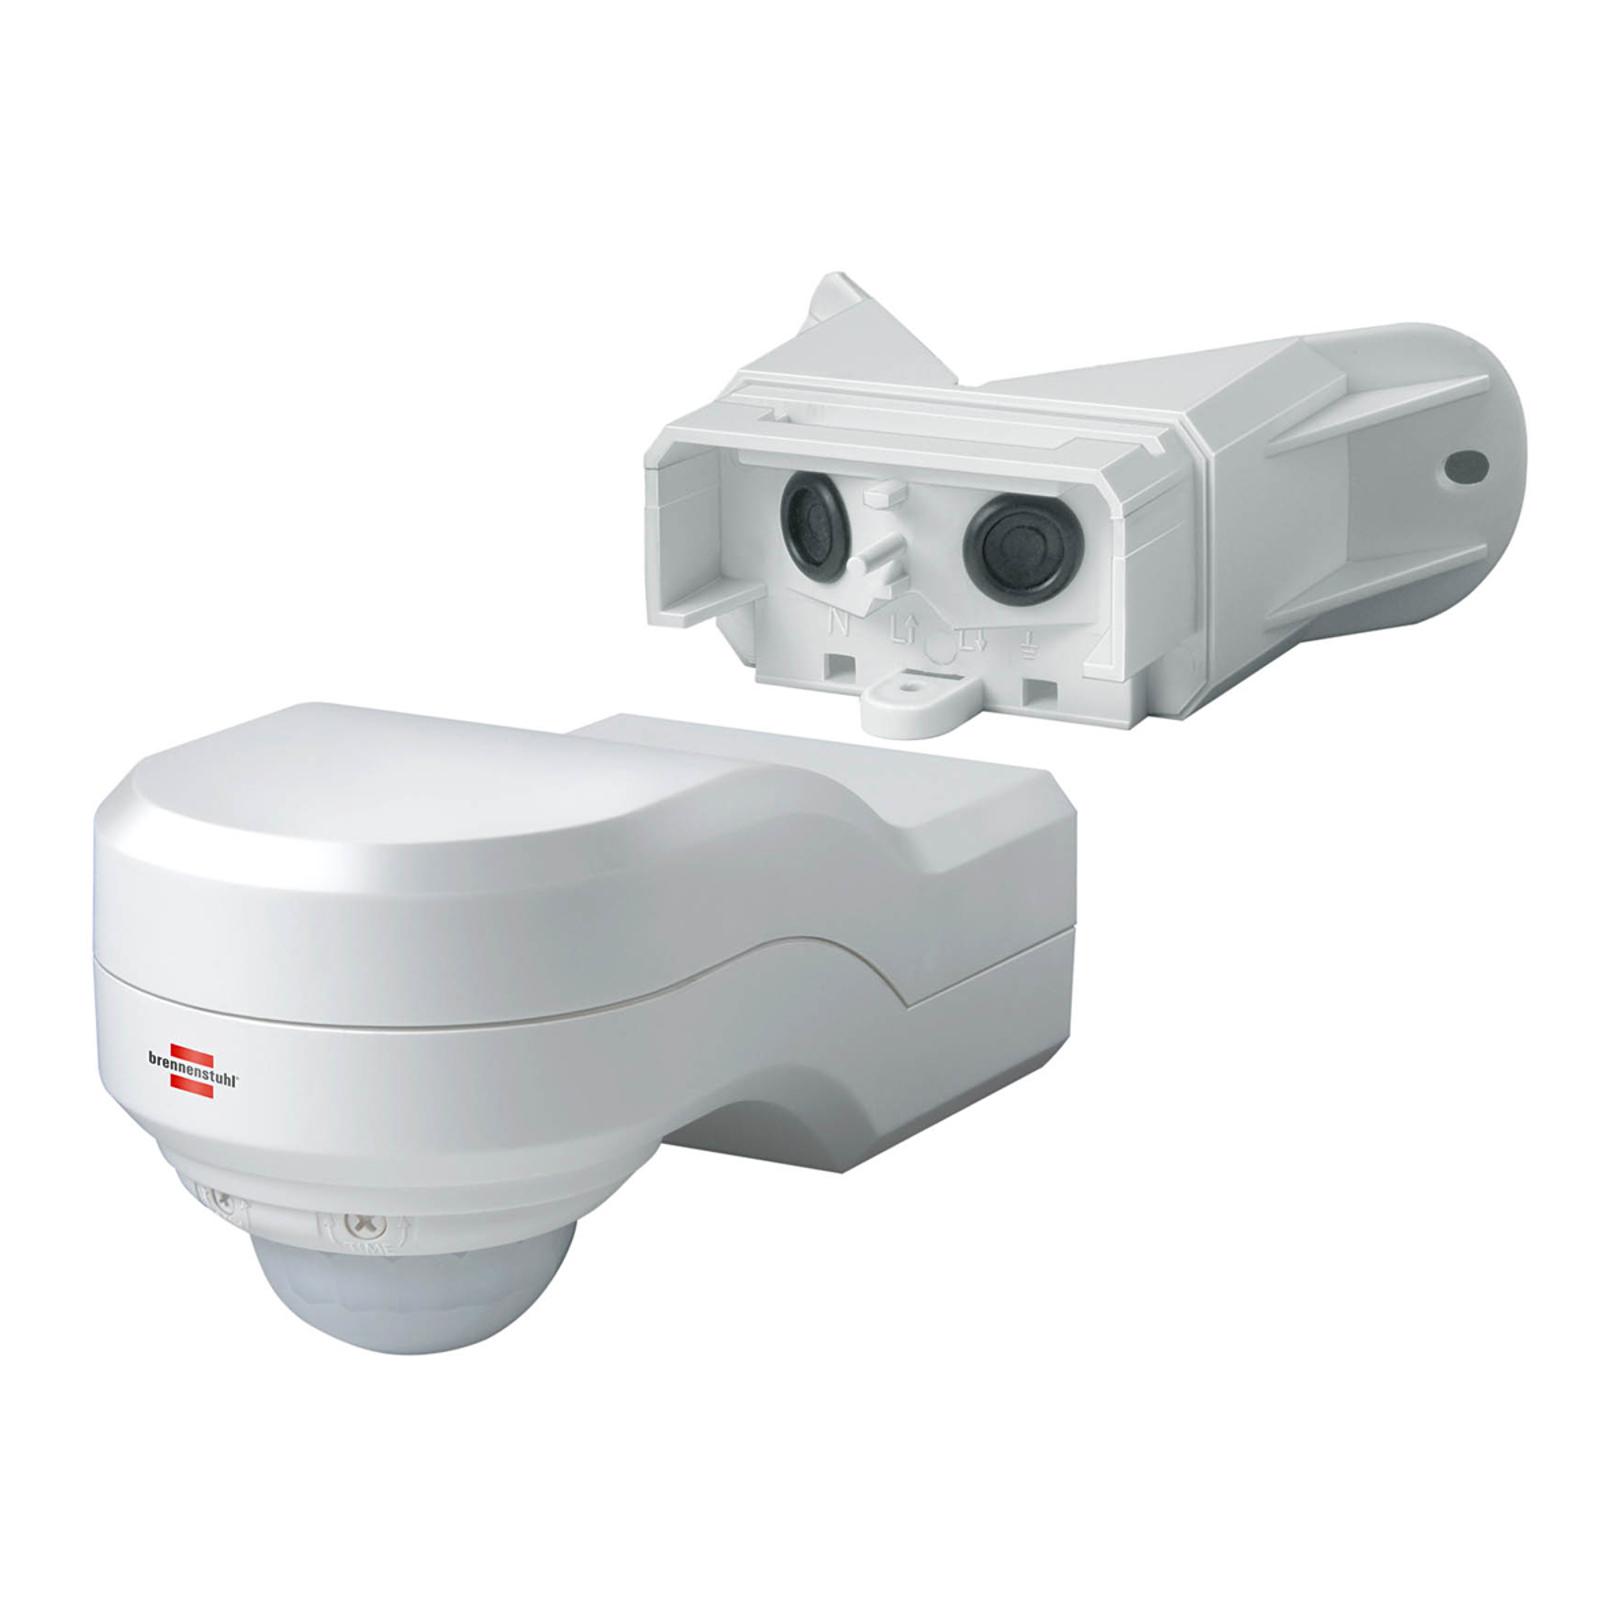 Infračervený detektor pohybu PIR 240 IP44_1540113_1